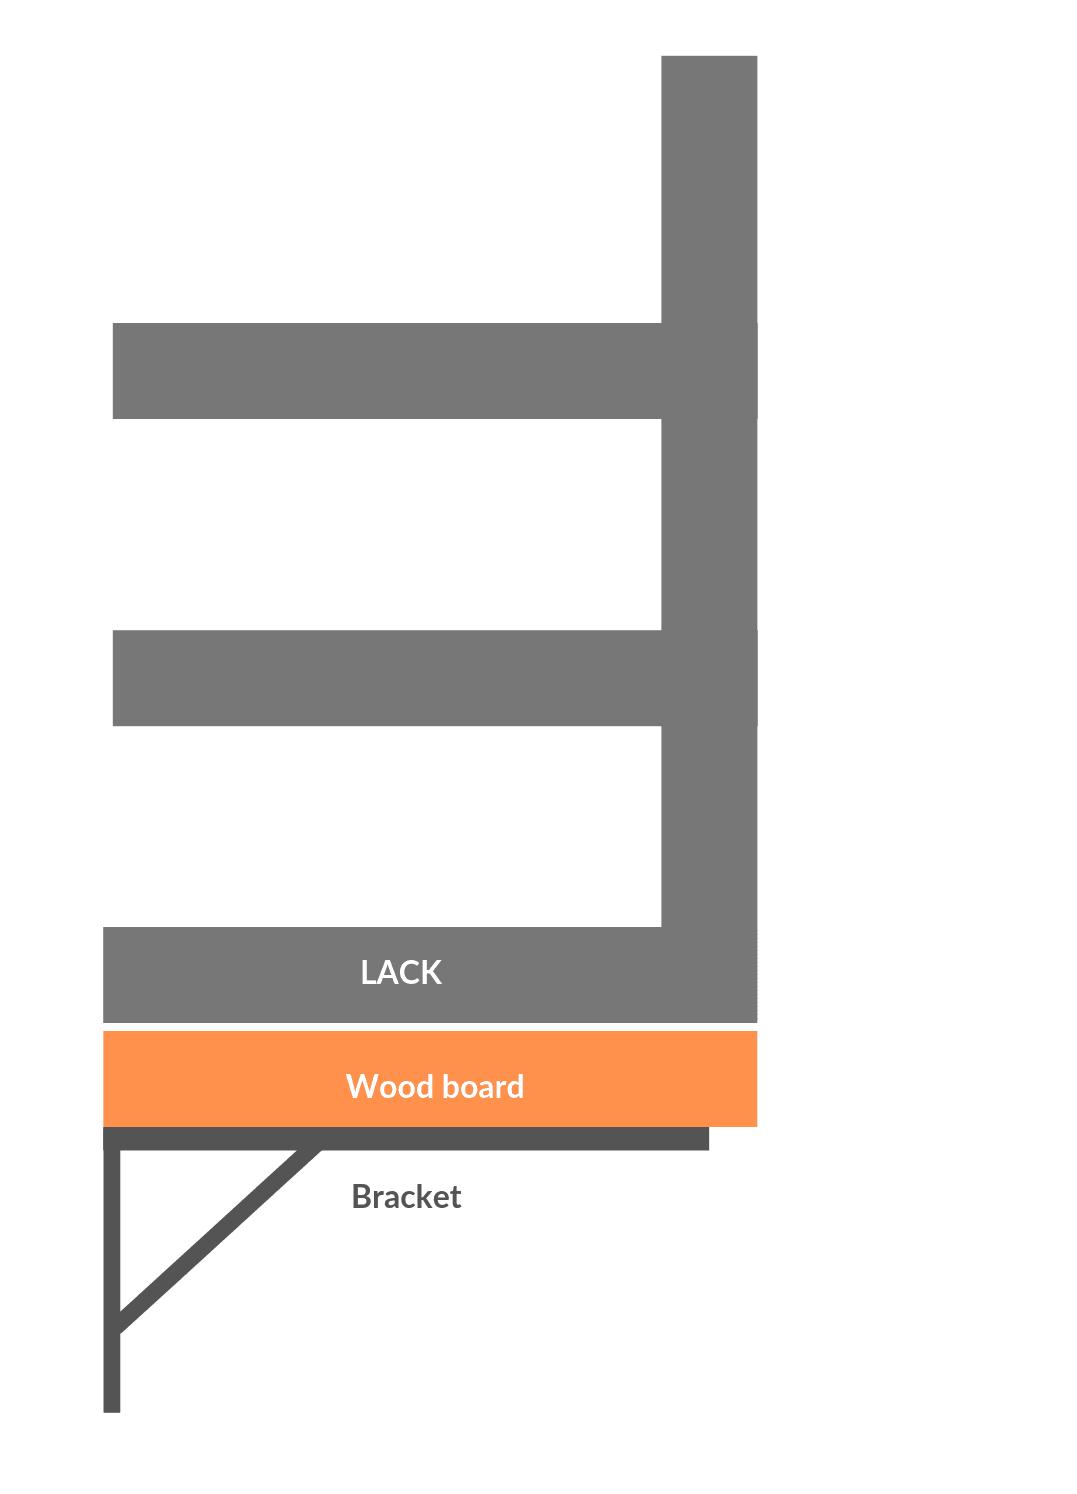 hang LACK wall unit backwards